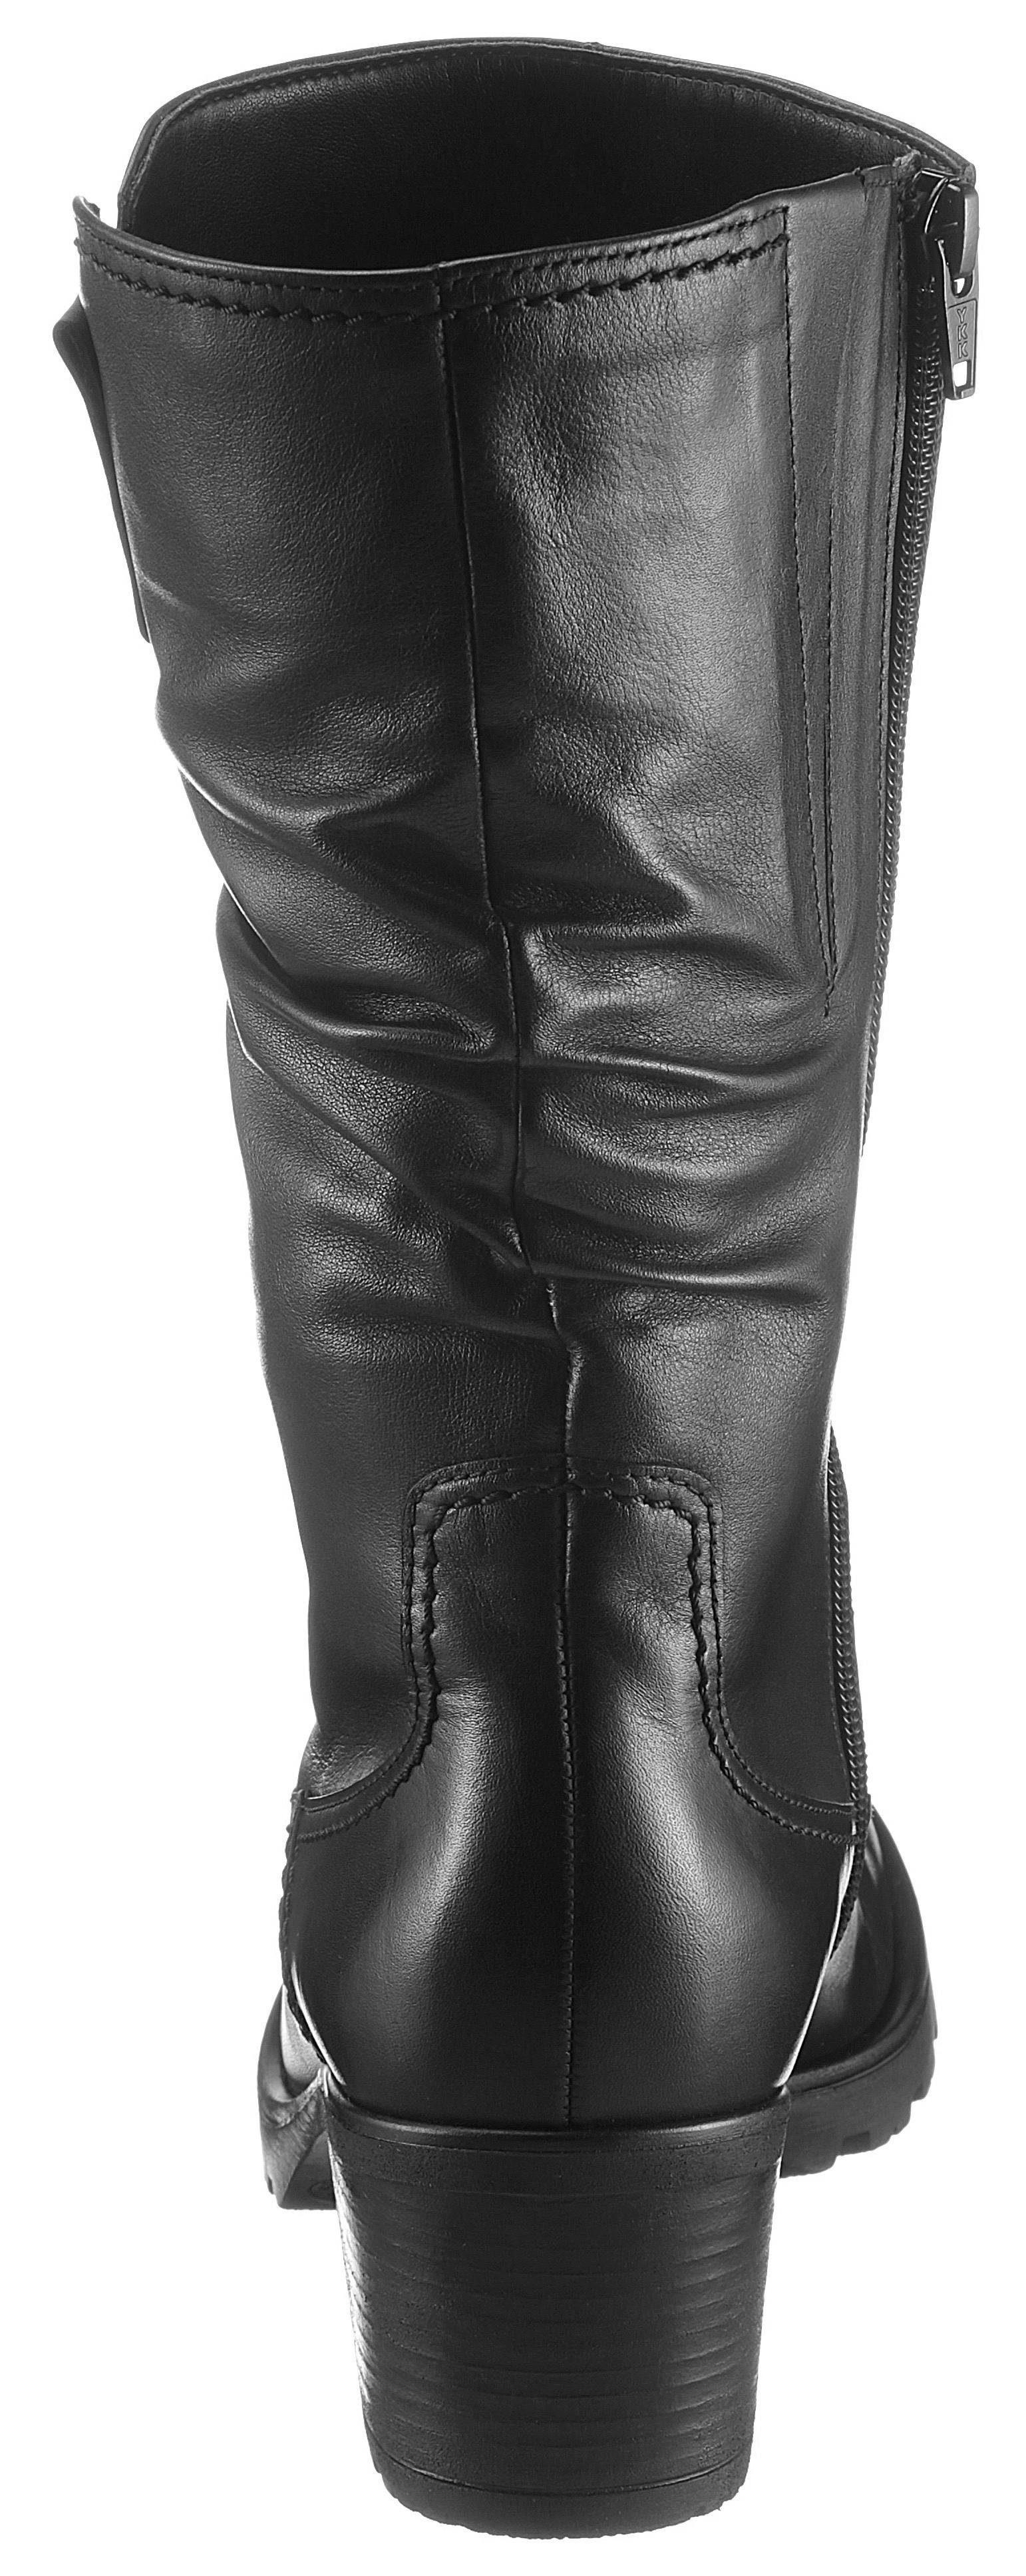 Gabor laarzen kopen? | BESLIST.nl | Gabor Boots